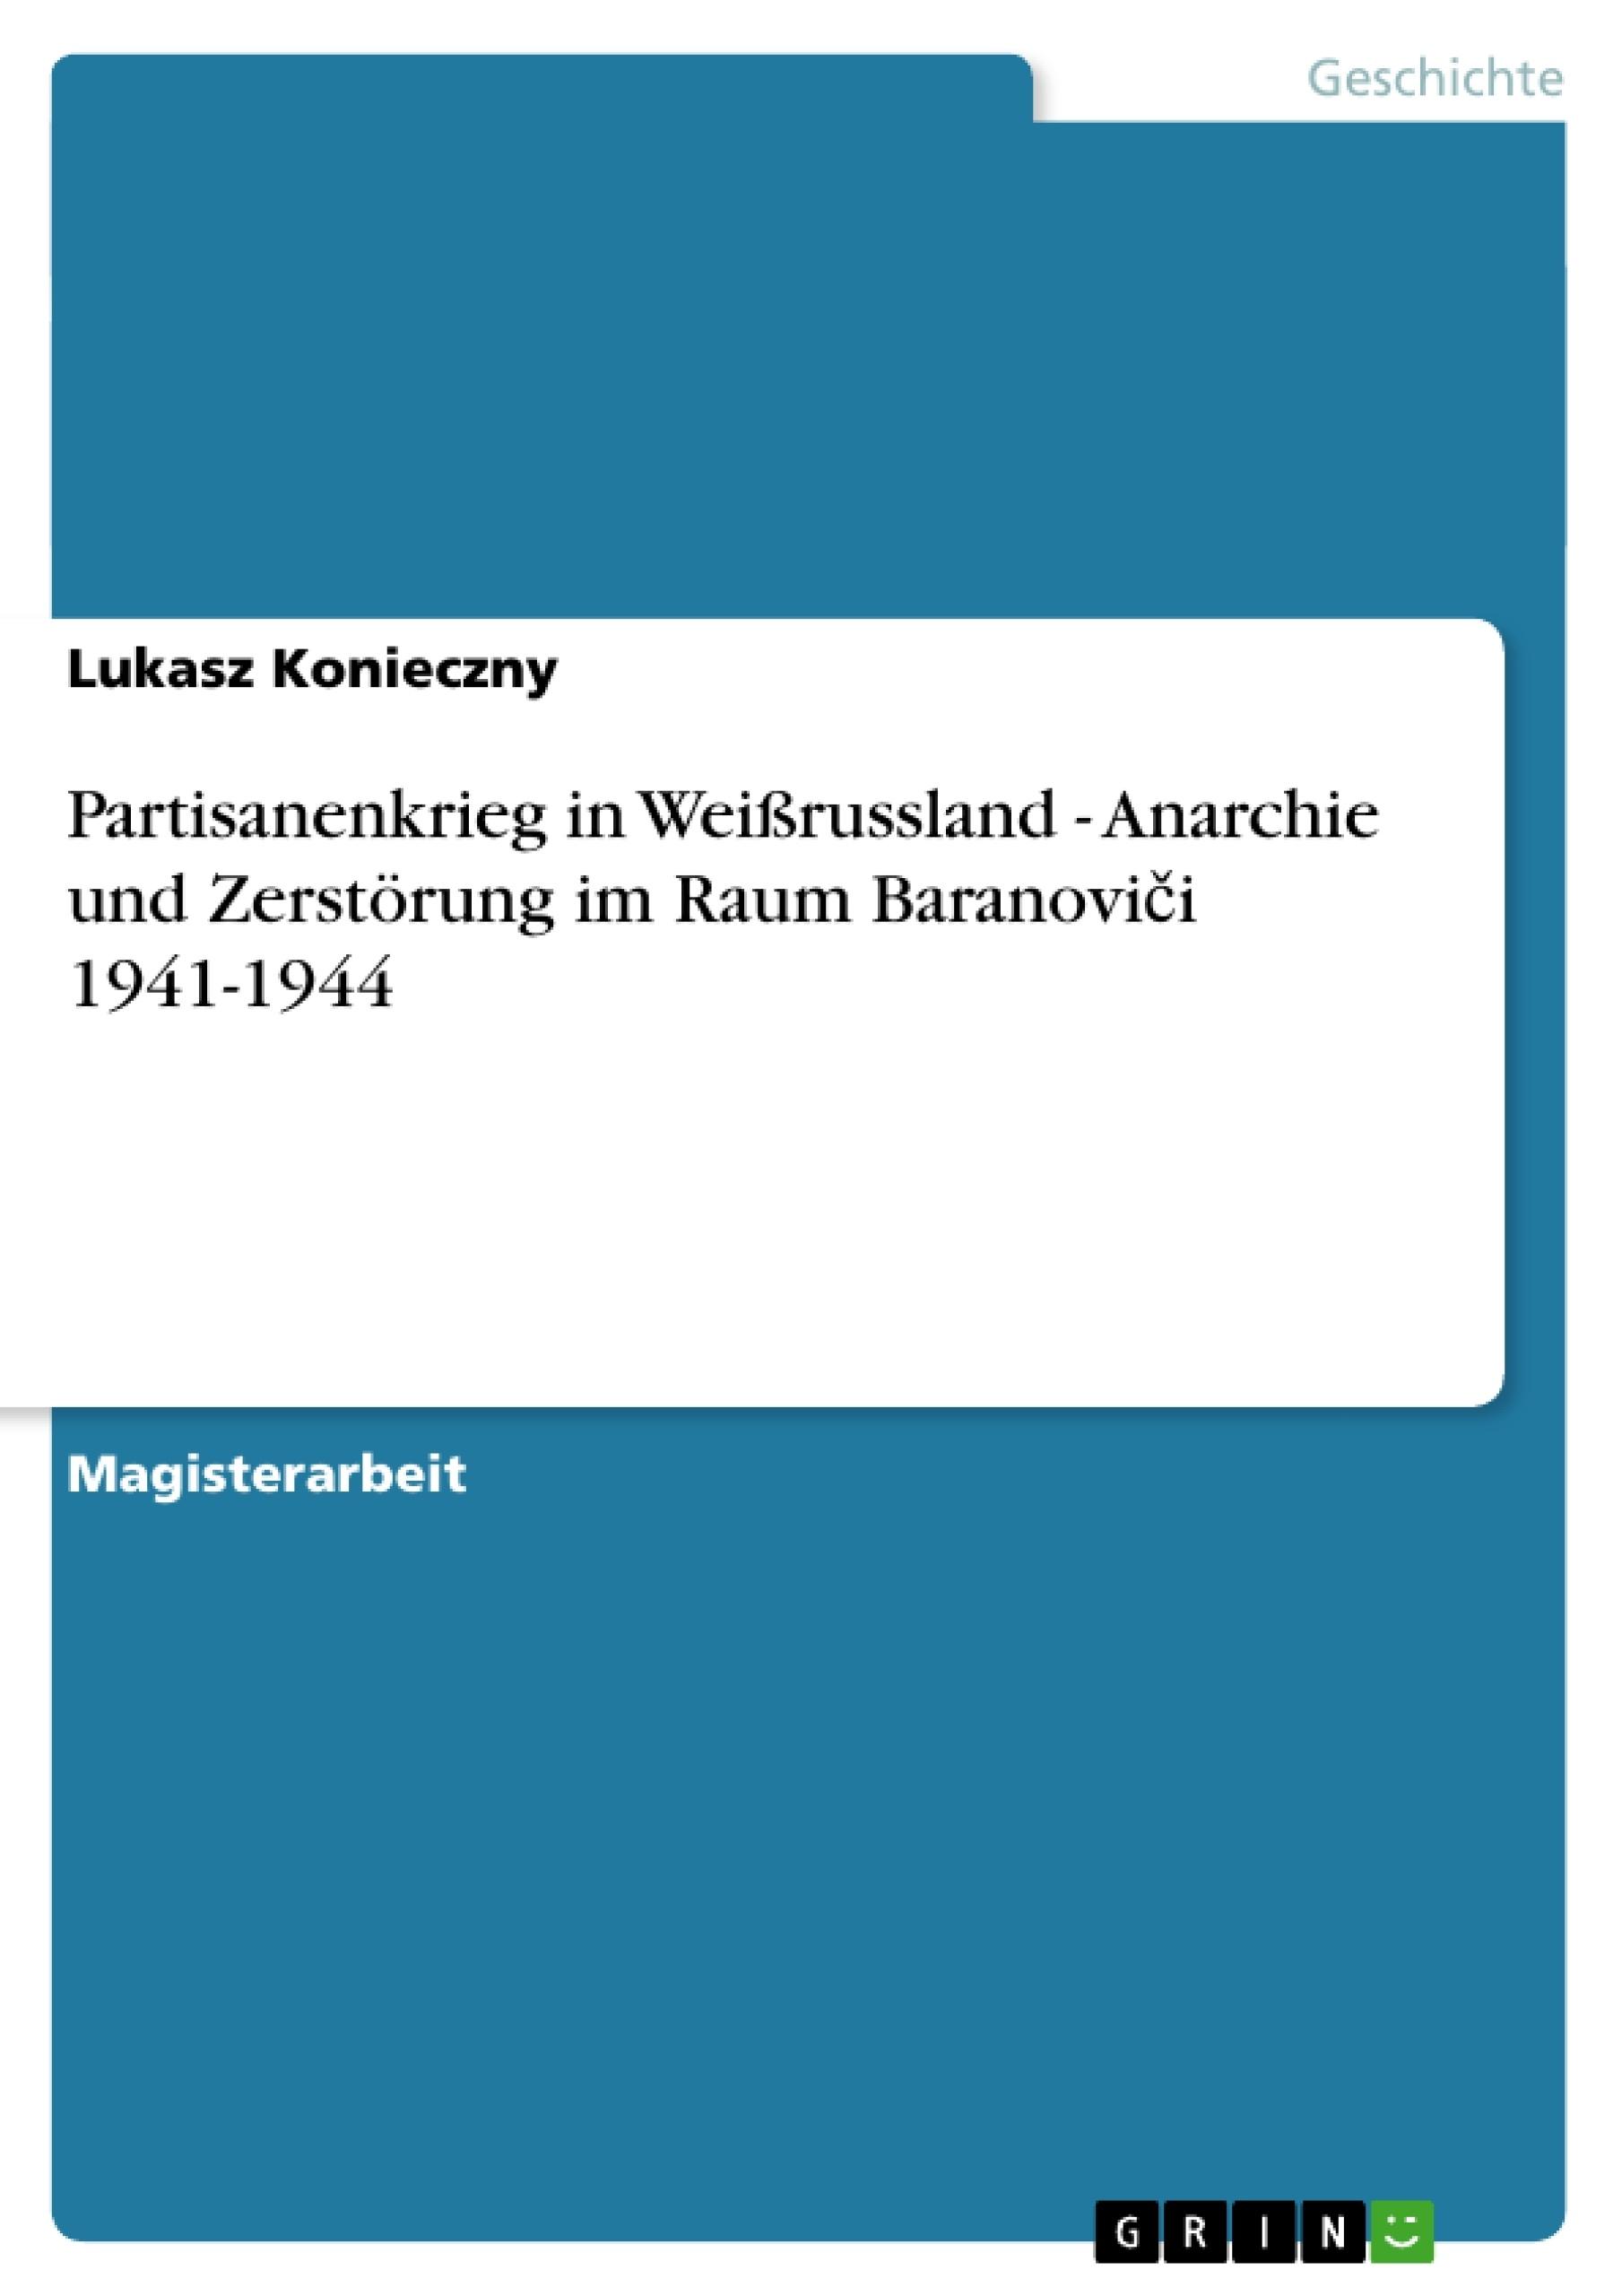 Titel: Partisanenkrieg in Weißrussland - Anarchie und Zerstörung im Raum Baranoviči 1941-1944